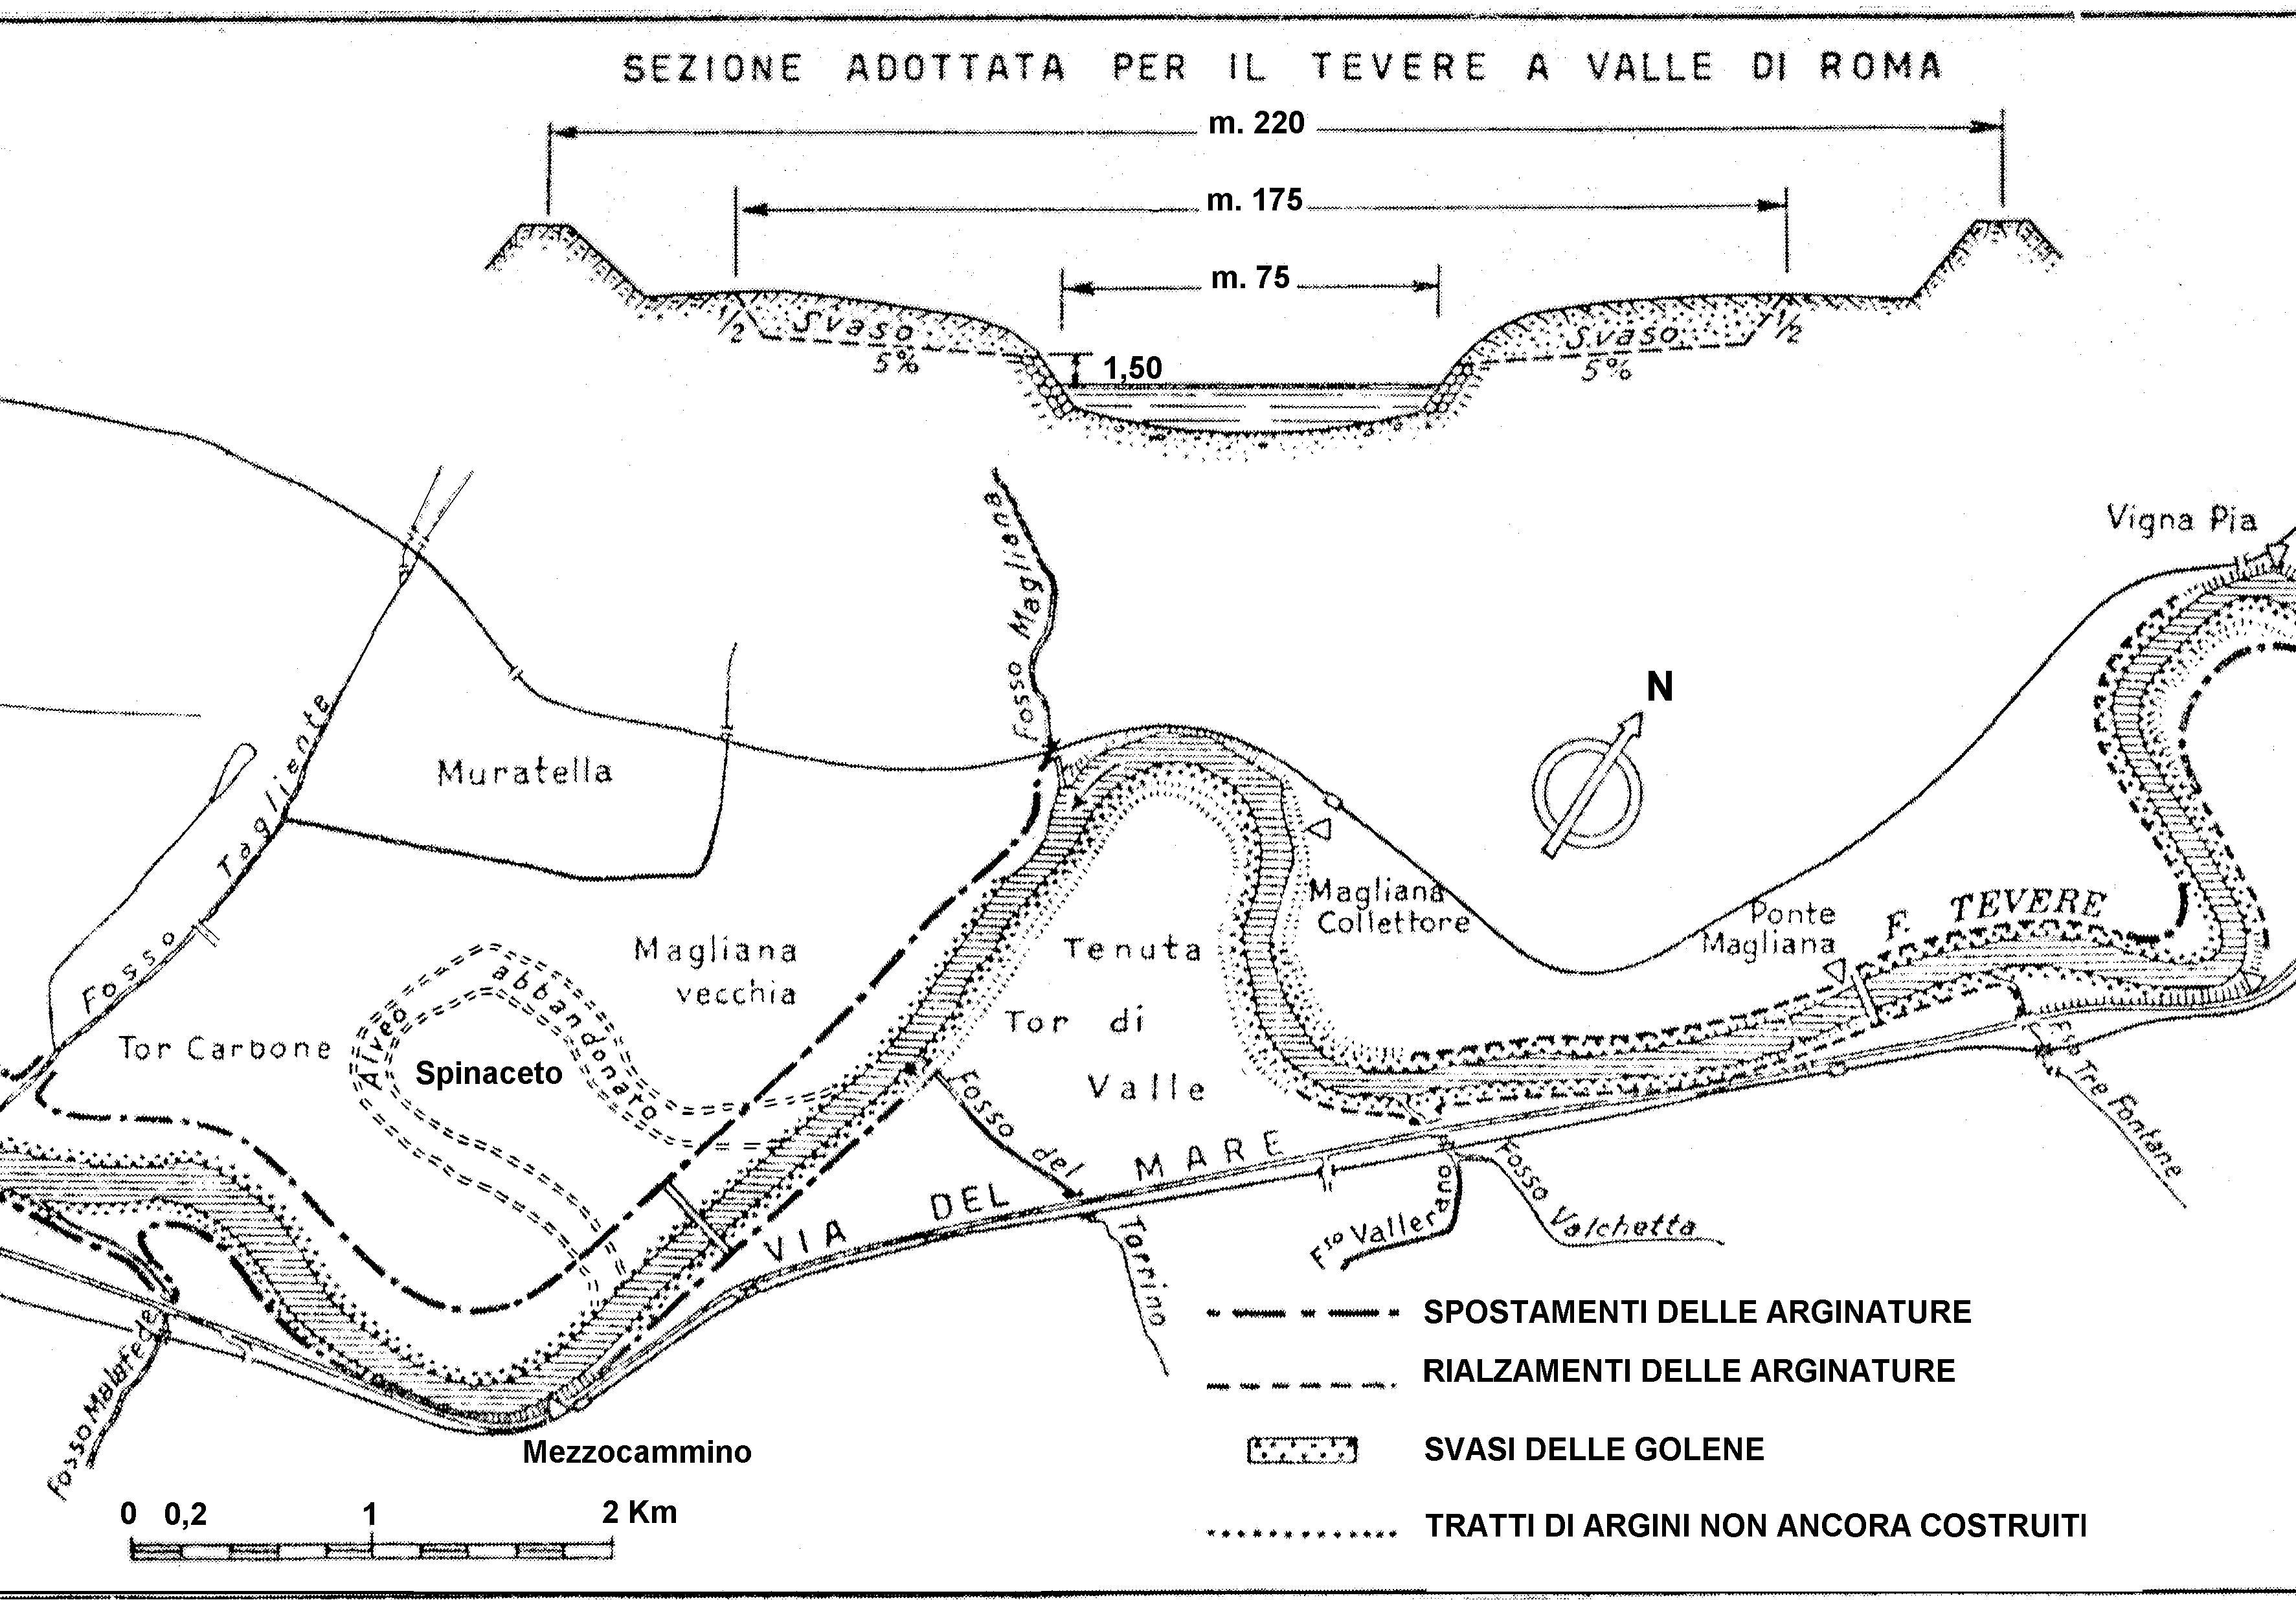 Il meandro di Tor di Valle e  il drizzagno di Spinaceto. Il Fosso di Vallerano in sinistra idrografica del Tevere (Fonte: Frosini, 1977, modificato).